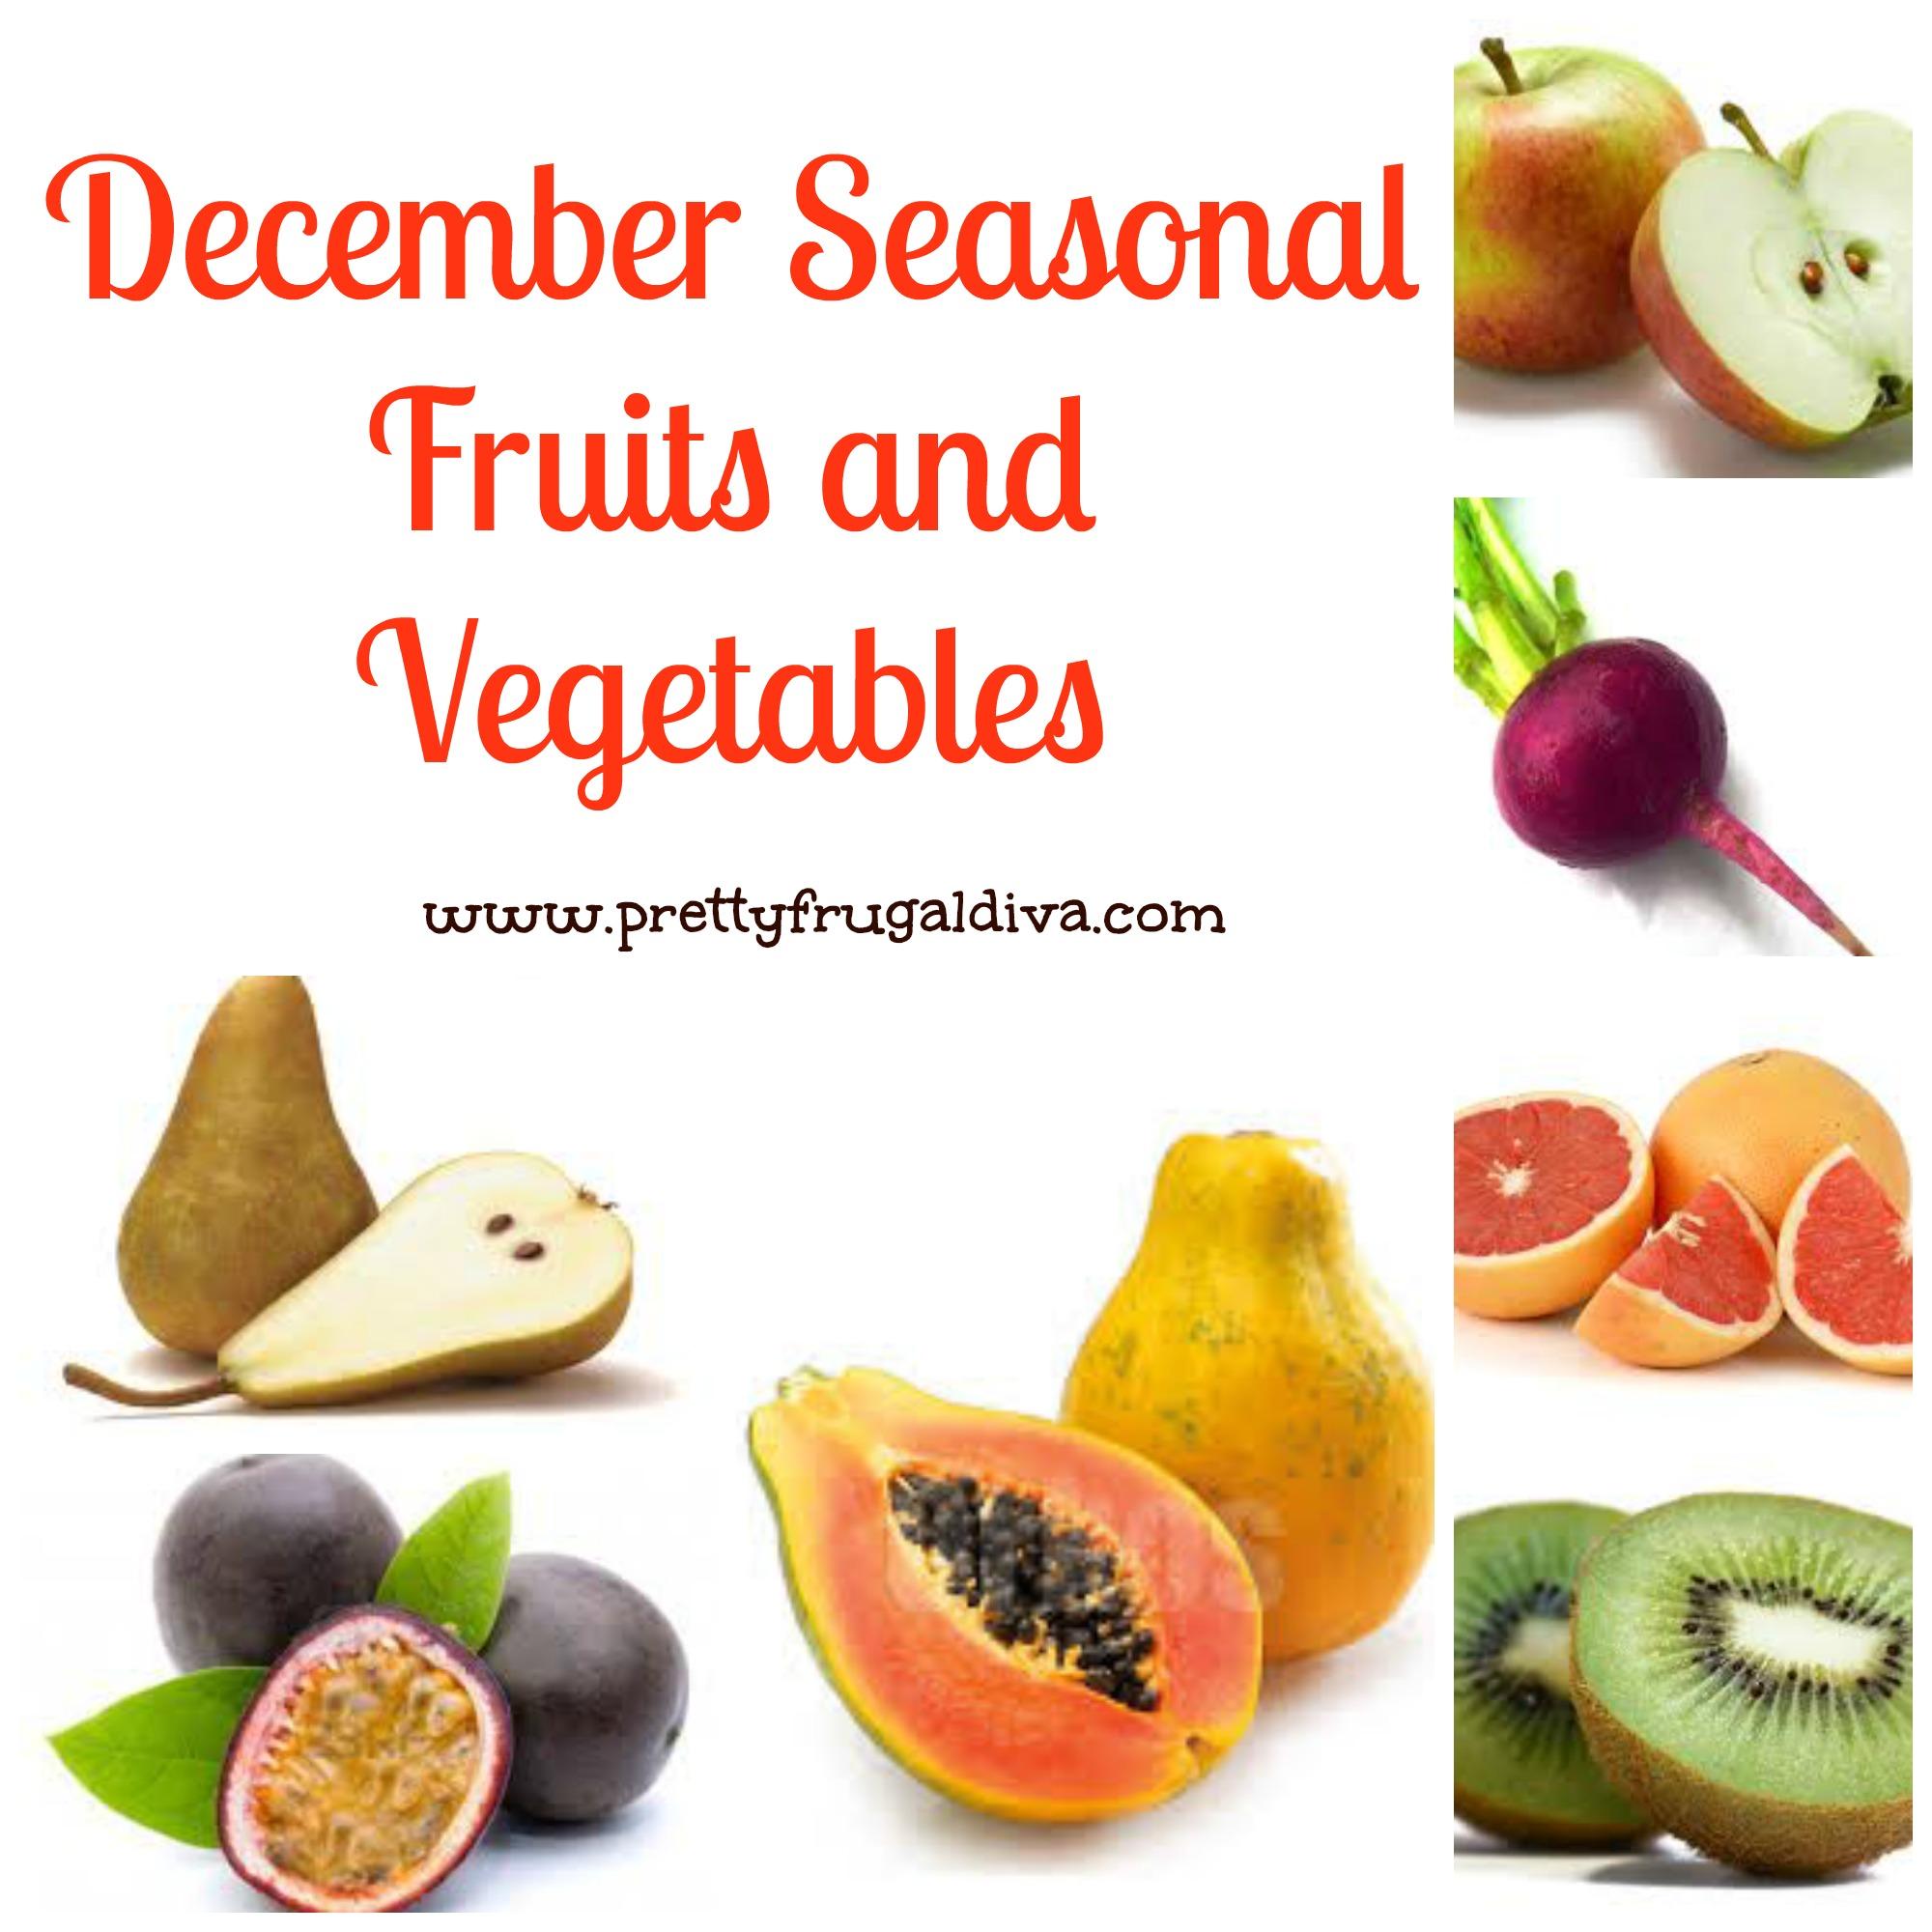 Decembers Seasonal Fruits and Vegetables